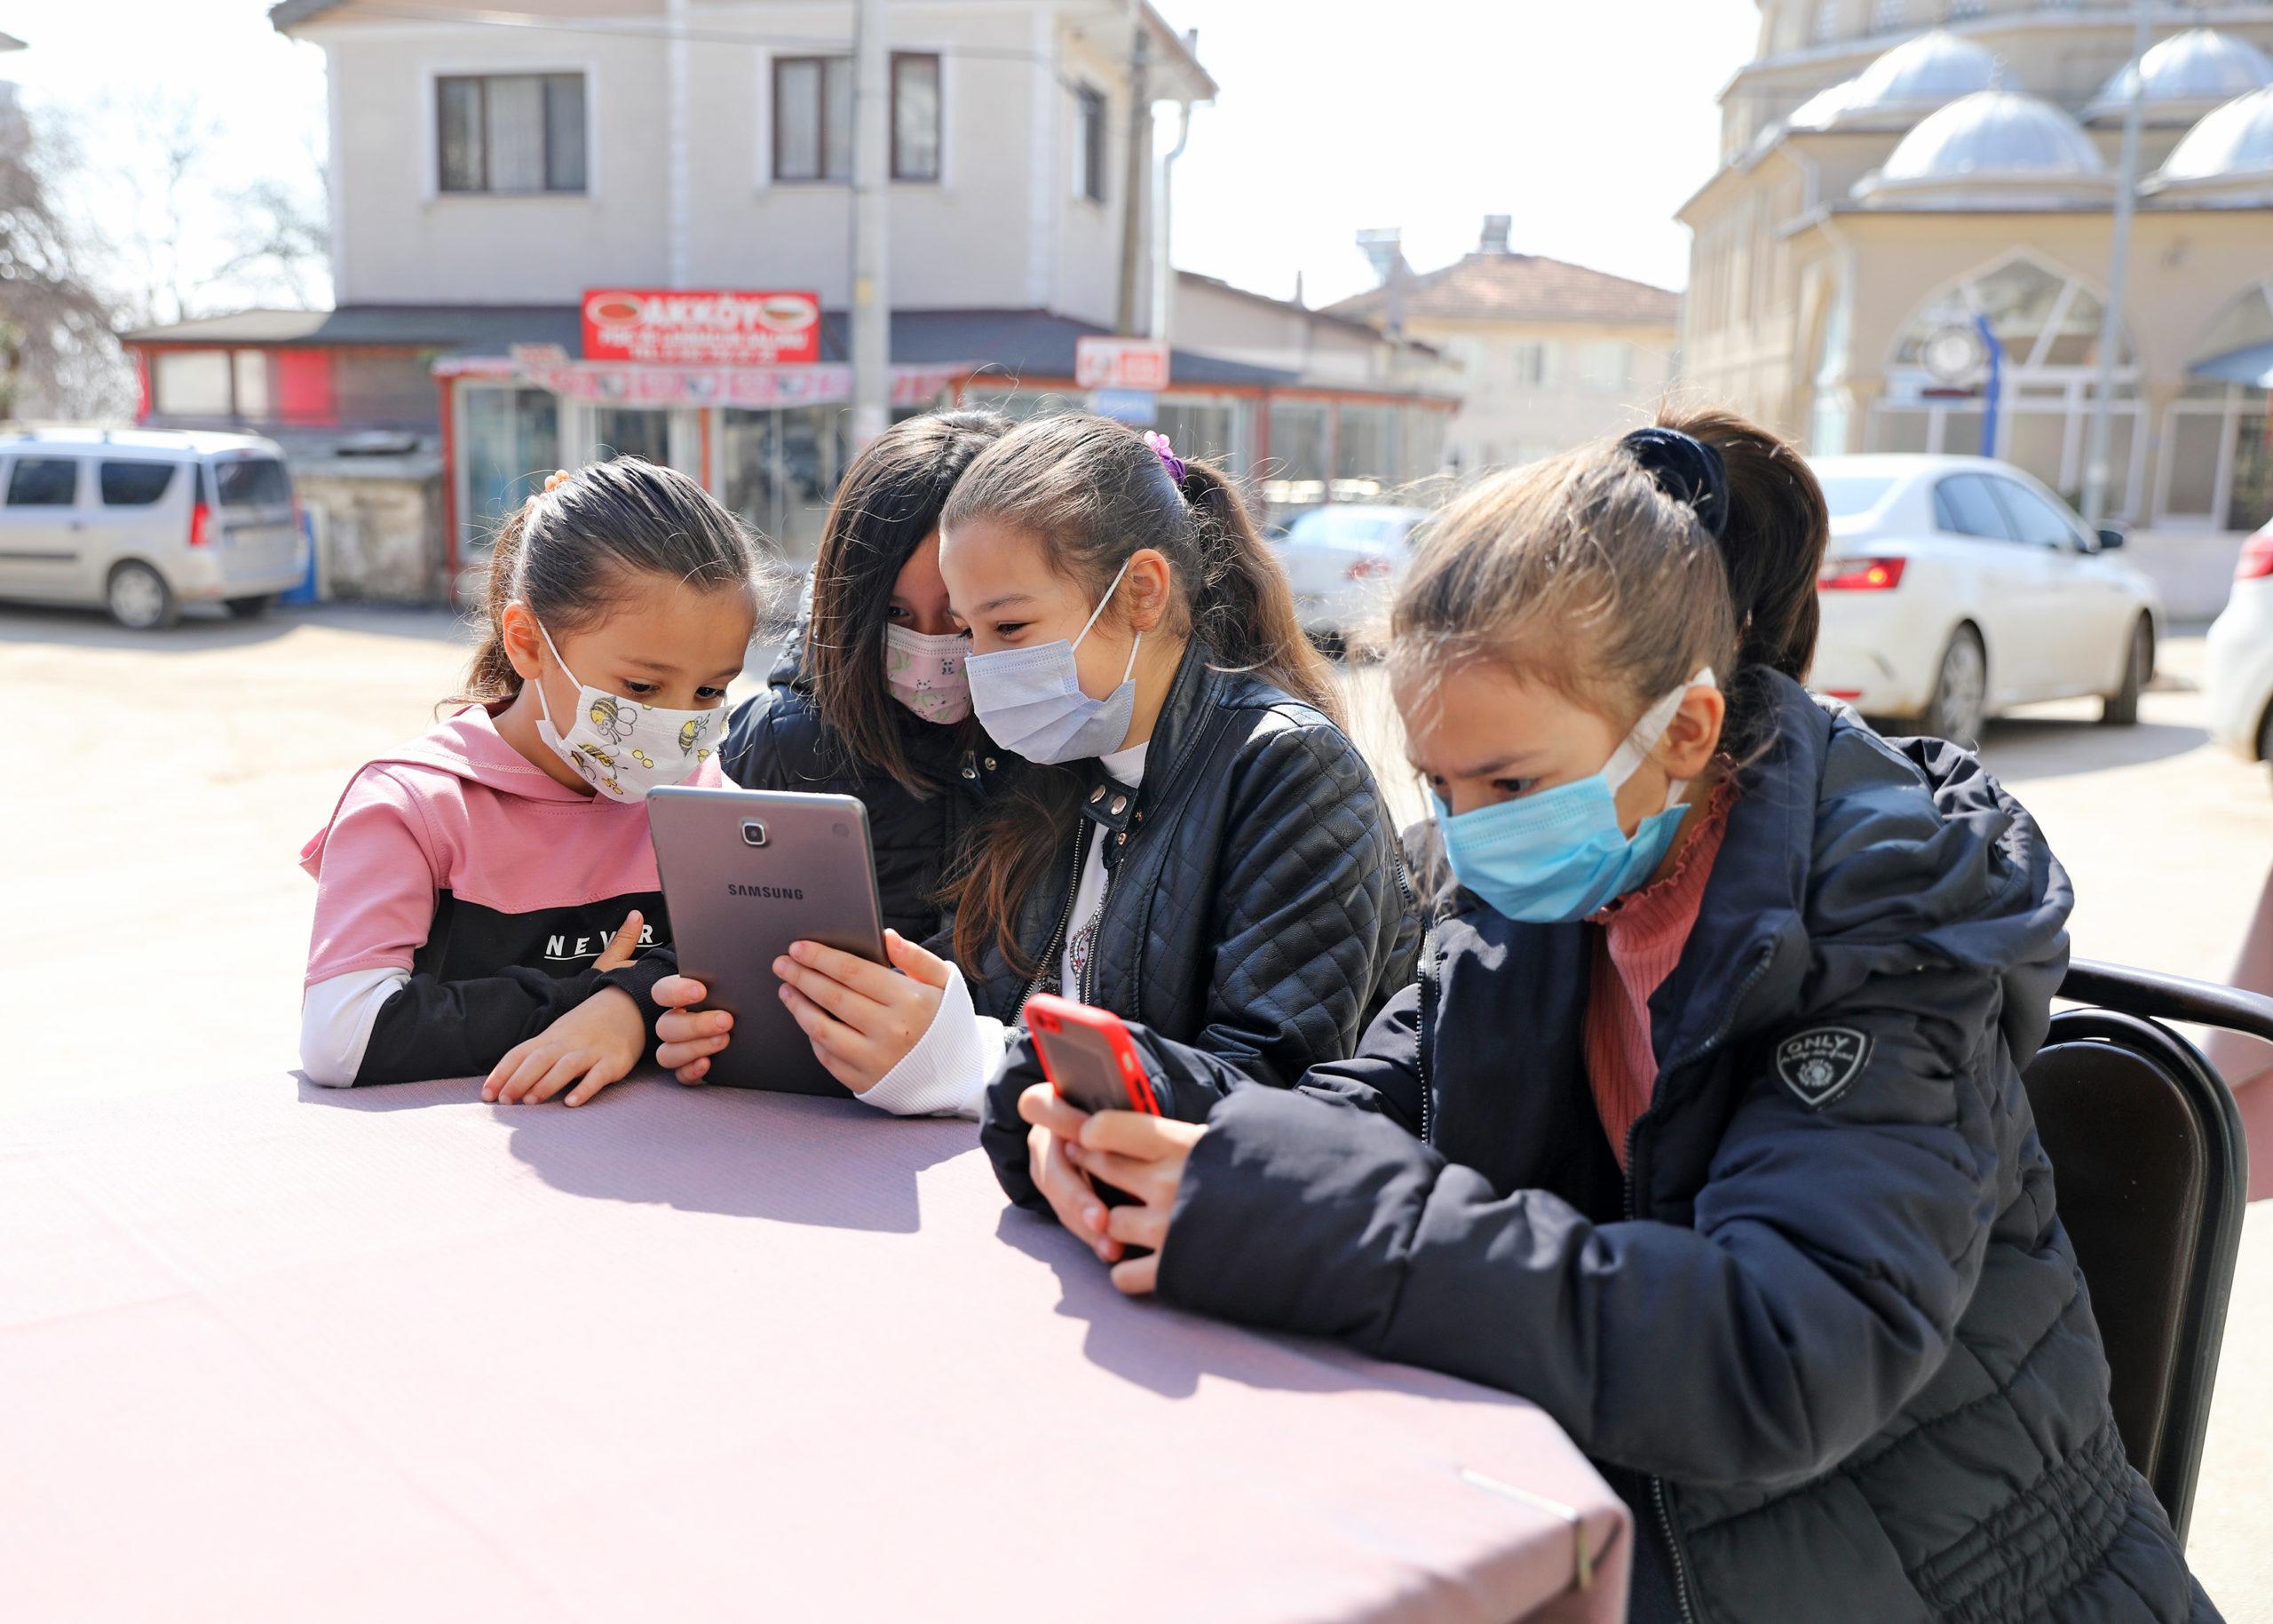 Mudanya'da Eşit Eğitim Ağı'yla Zorluklar Aşılıyor